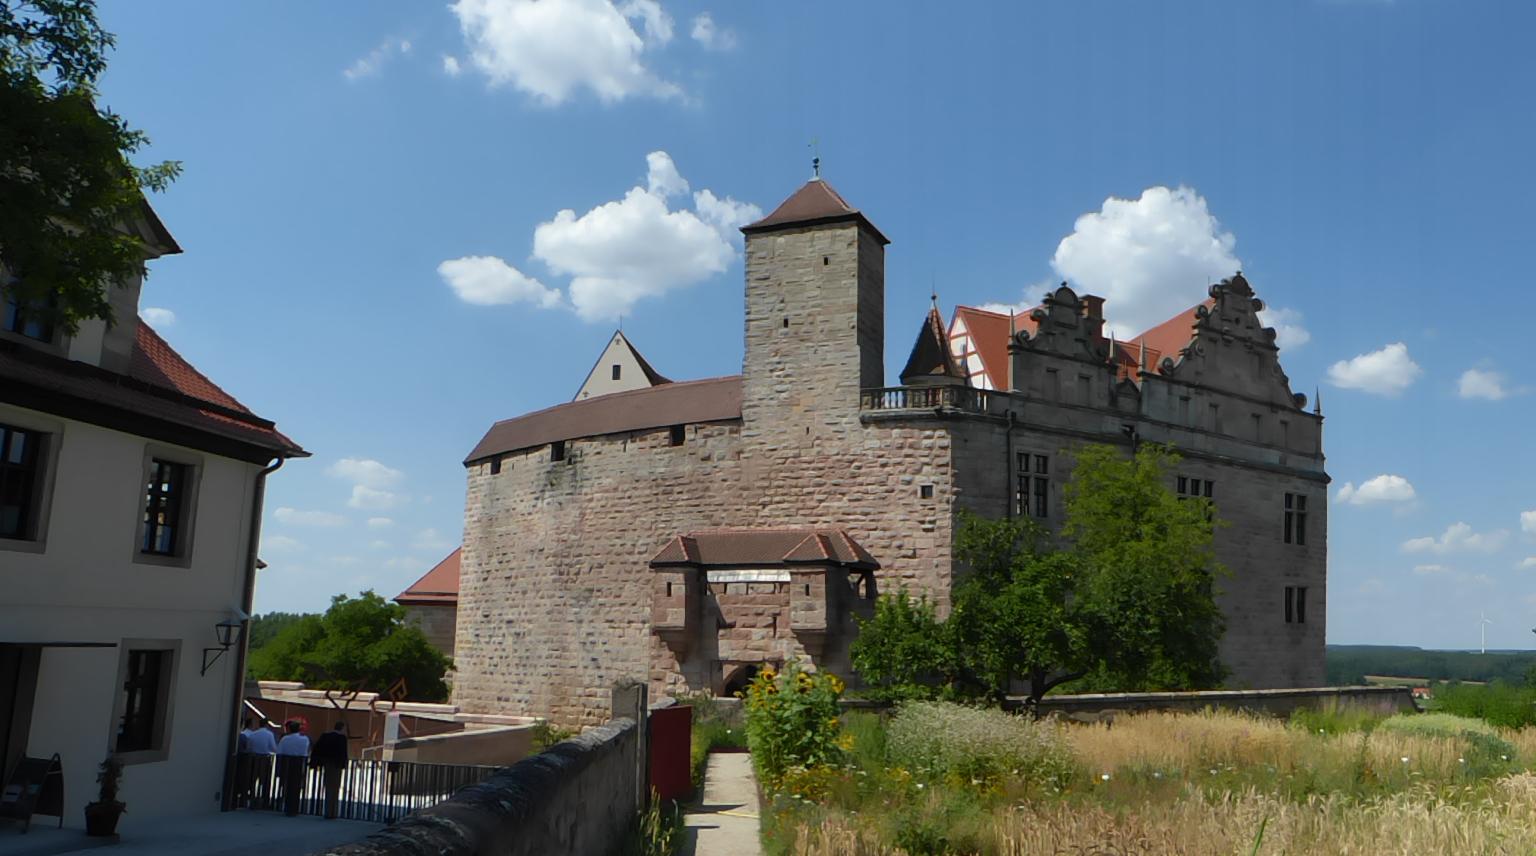 Blick auf die Cadolzburg, Foto: D.Weirauch